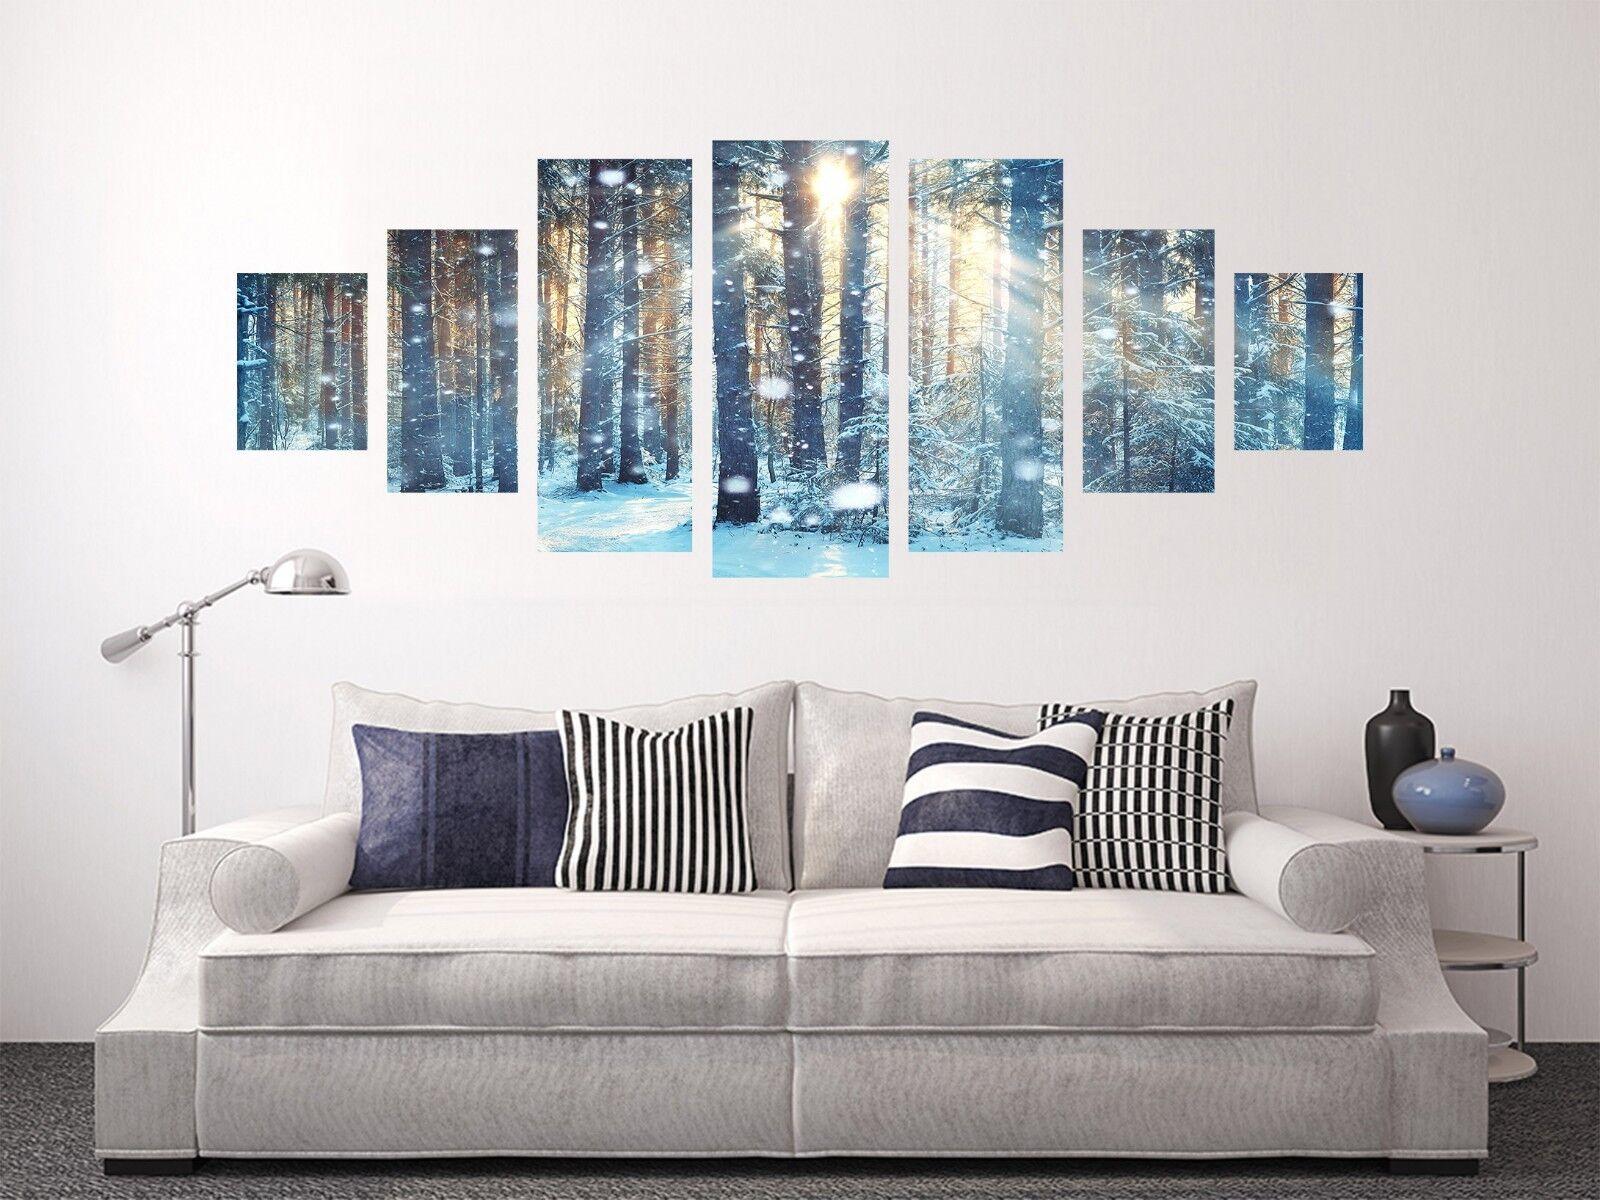 3D la luz luz luz del sol nieve 76 sin enmarcar Impresión Papel de Pared Calcomanía Decoración De Pared Interior AJ Jenny bc1f23